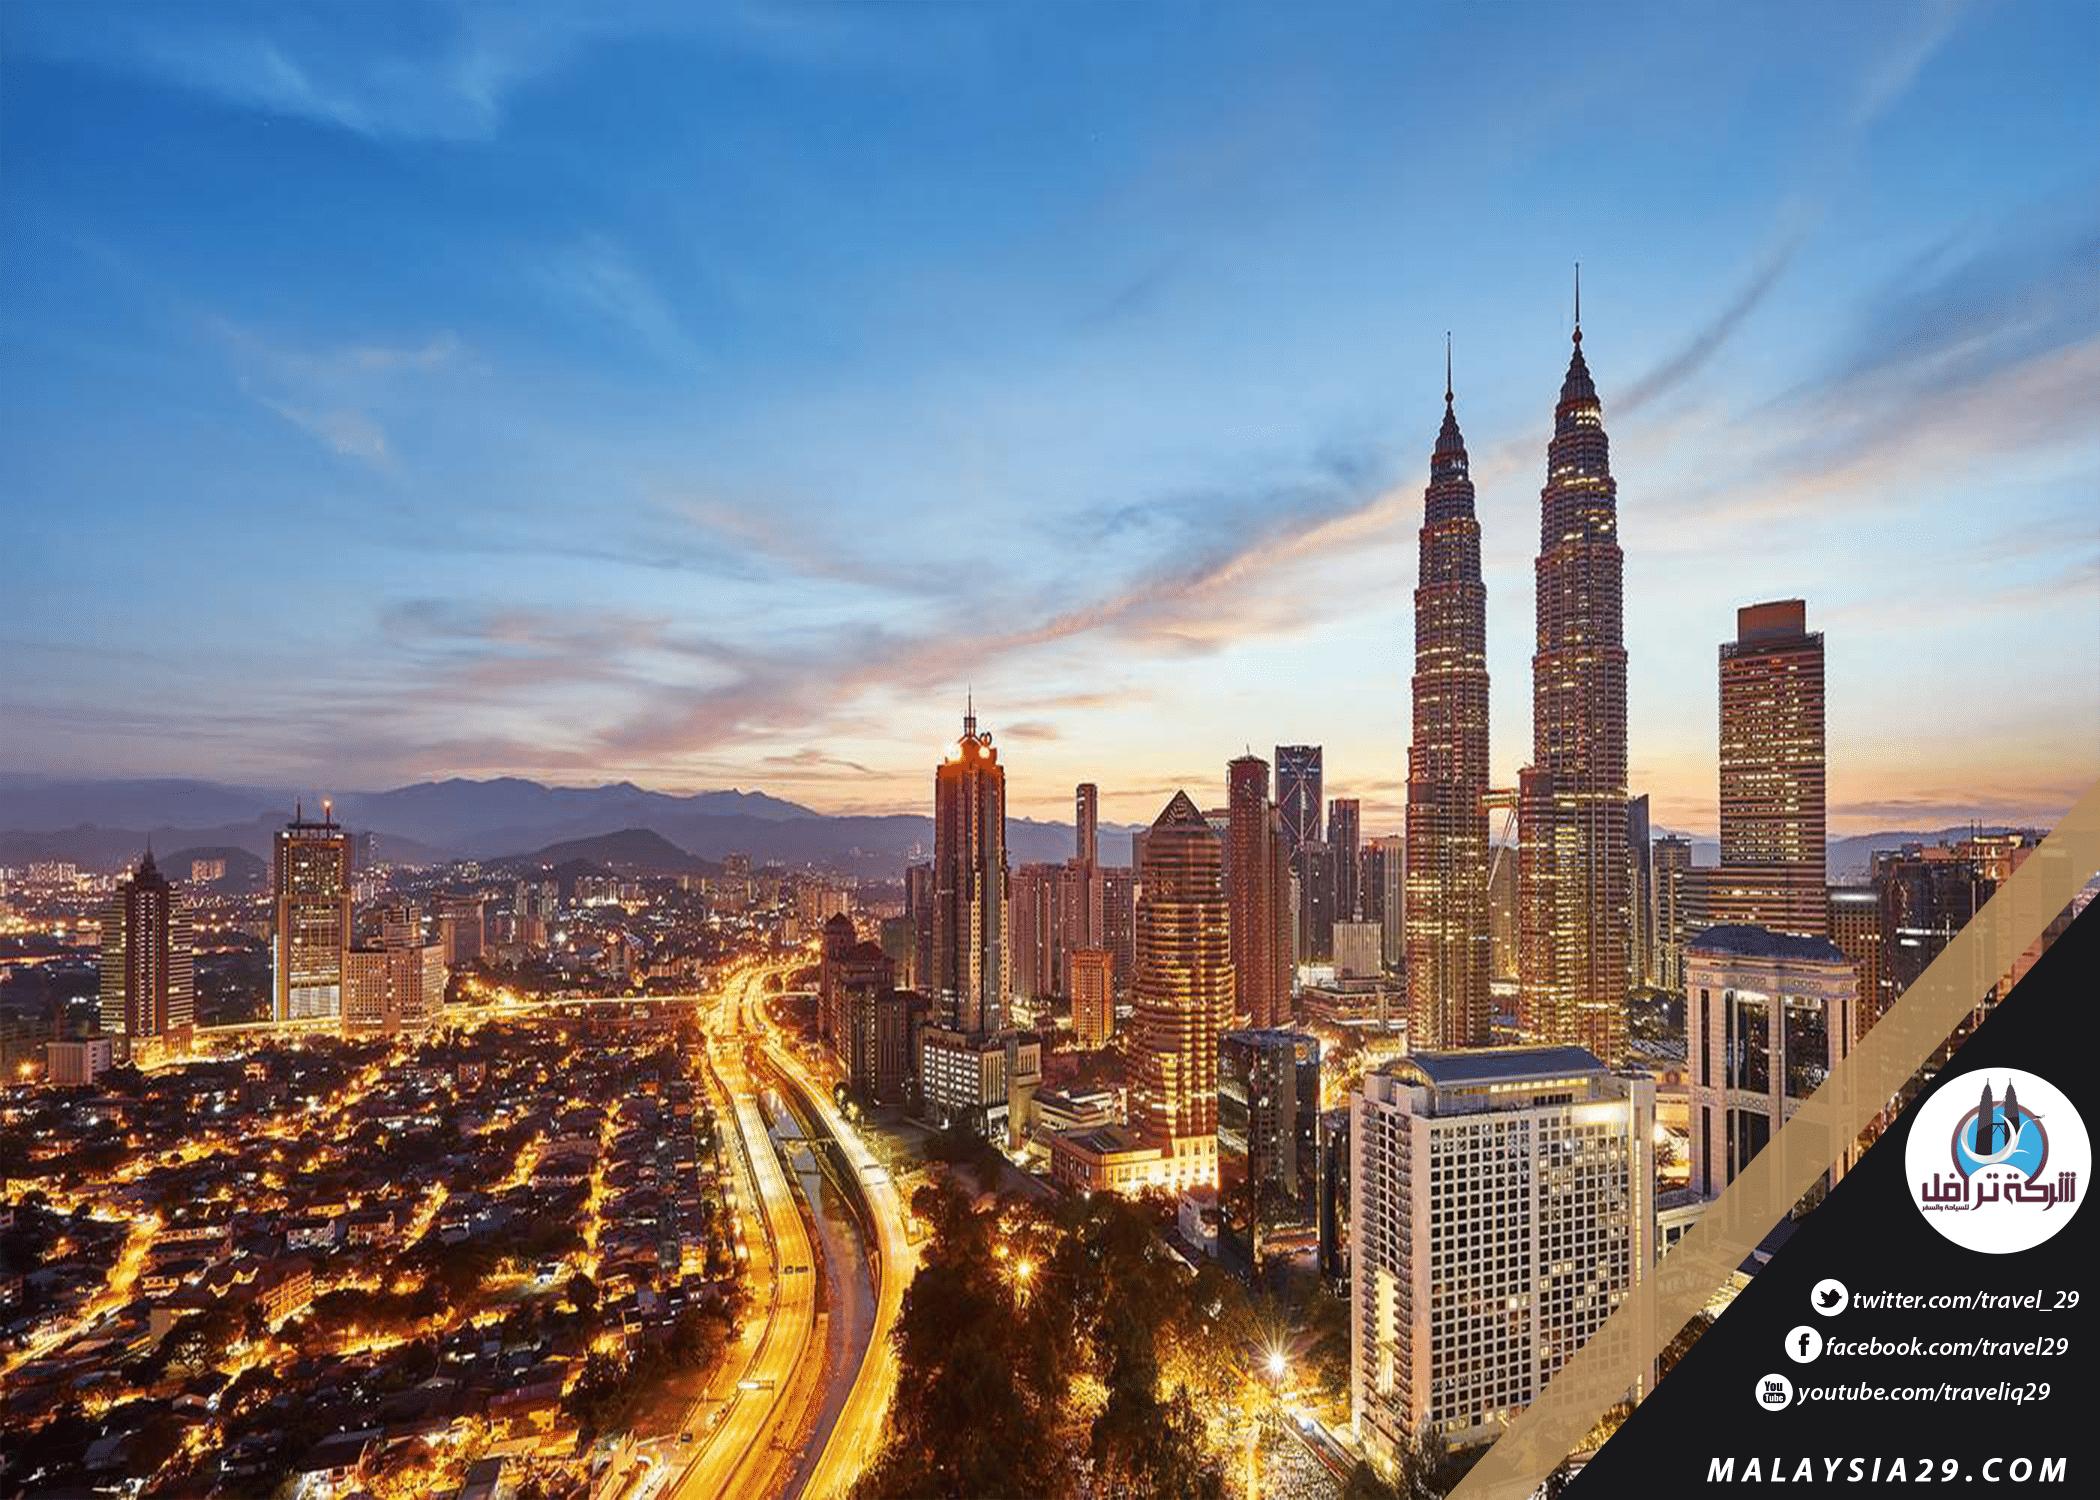 ملائیشیا میں سب سے خوبصورت جزائر